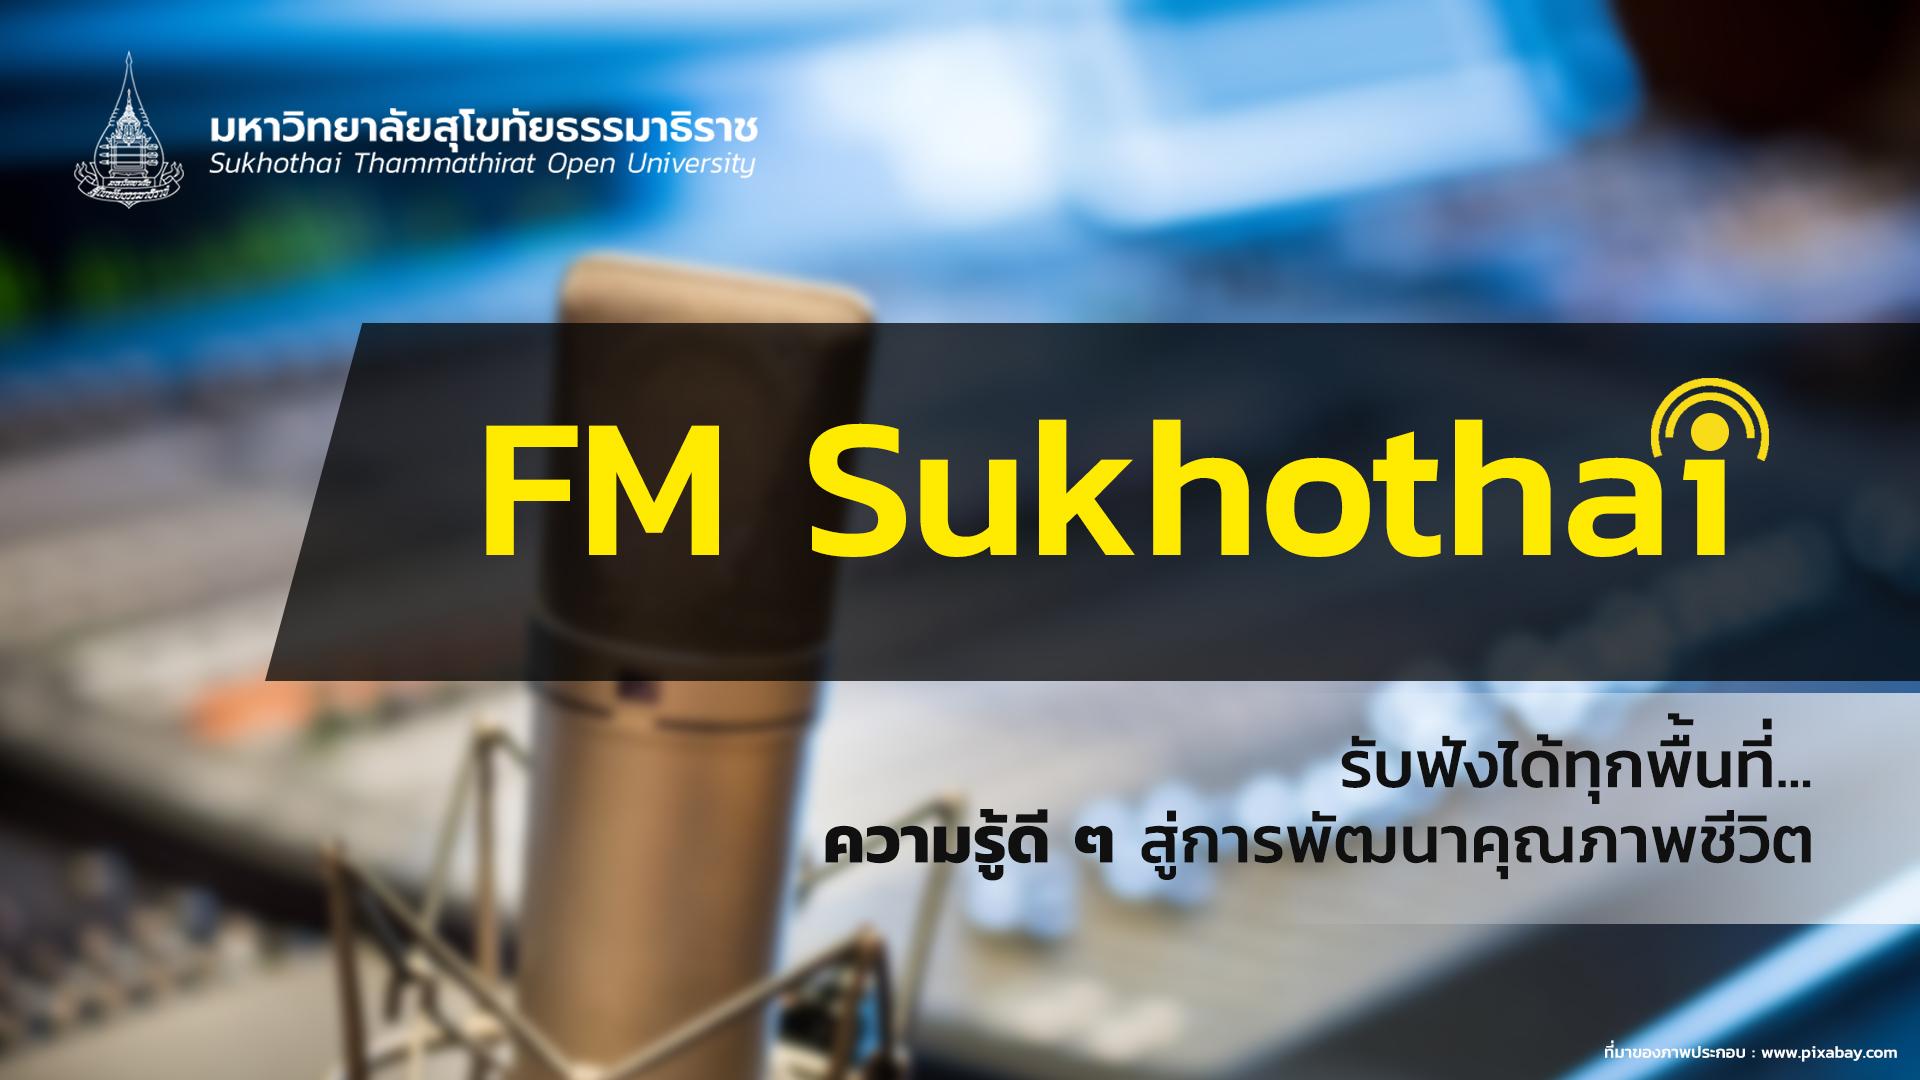 21323 การสอนกลุ่มทักษะ 1: ภาษาไทย รายการที่ 6